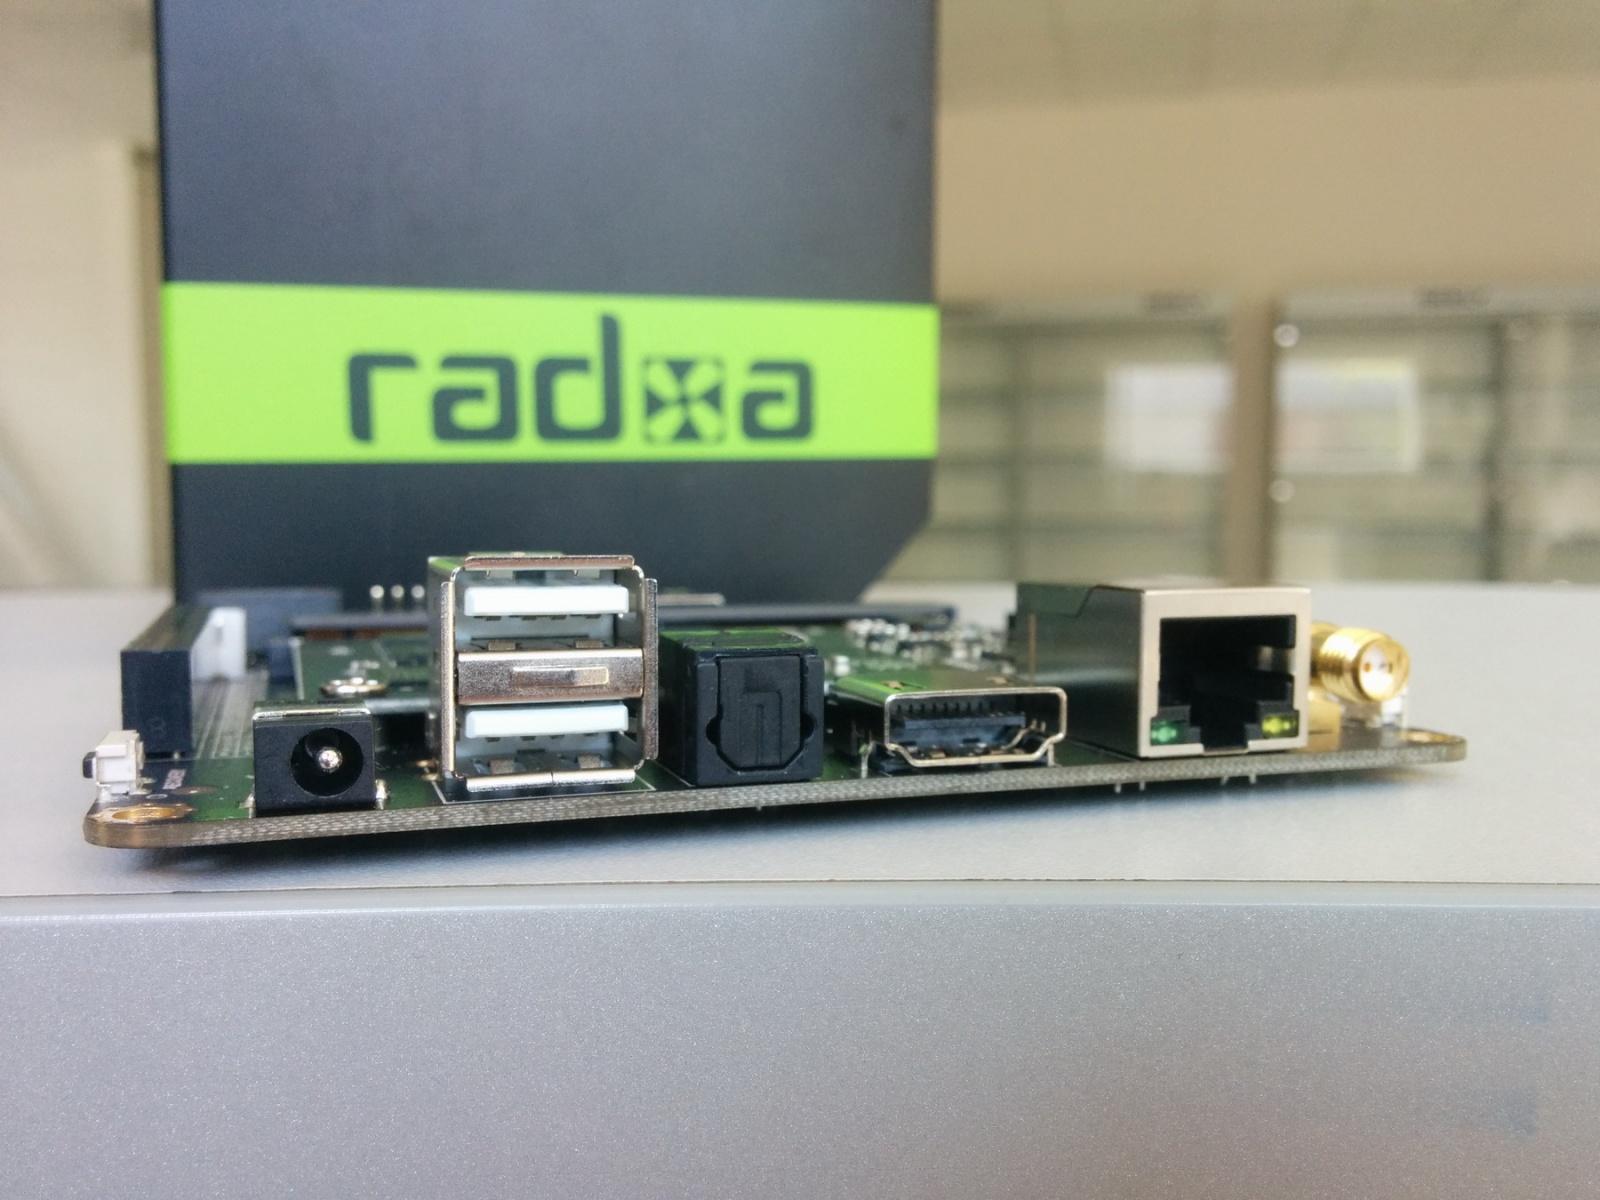 Обзор отладочного комплекта Radxa Rock 2 Square и SoM - 9